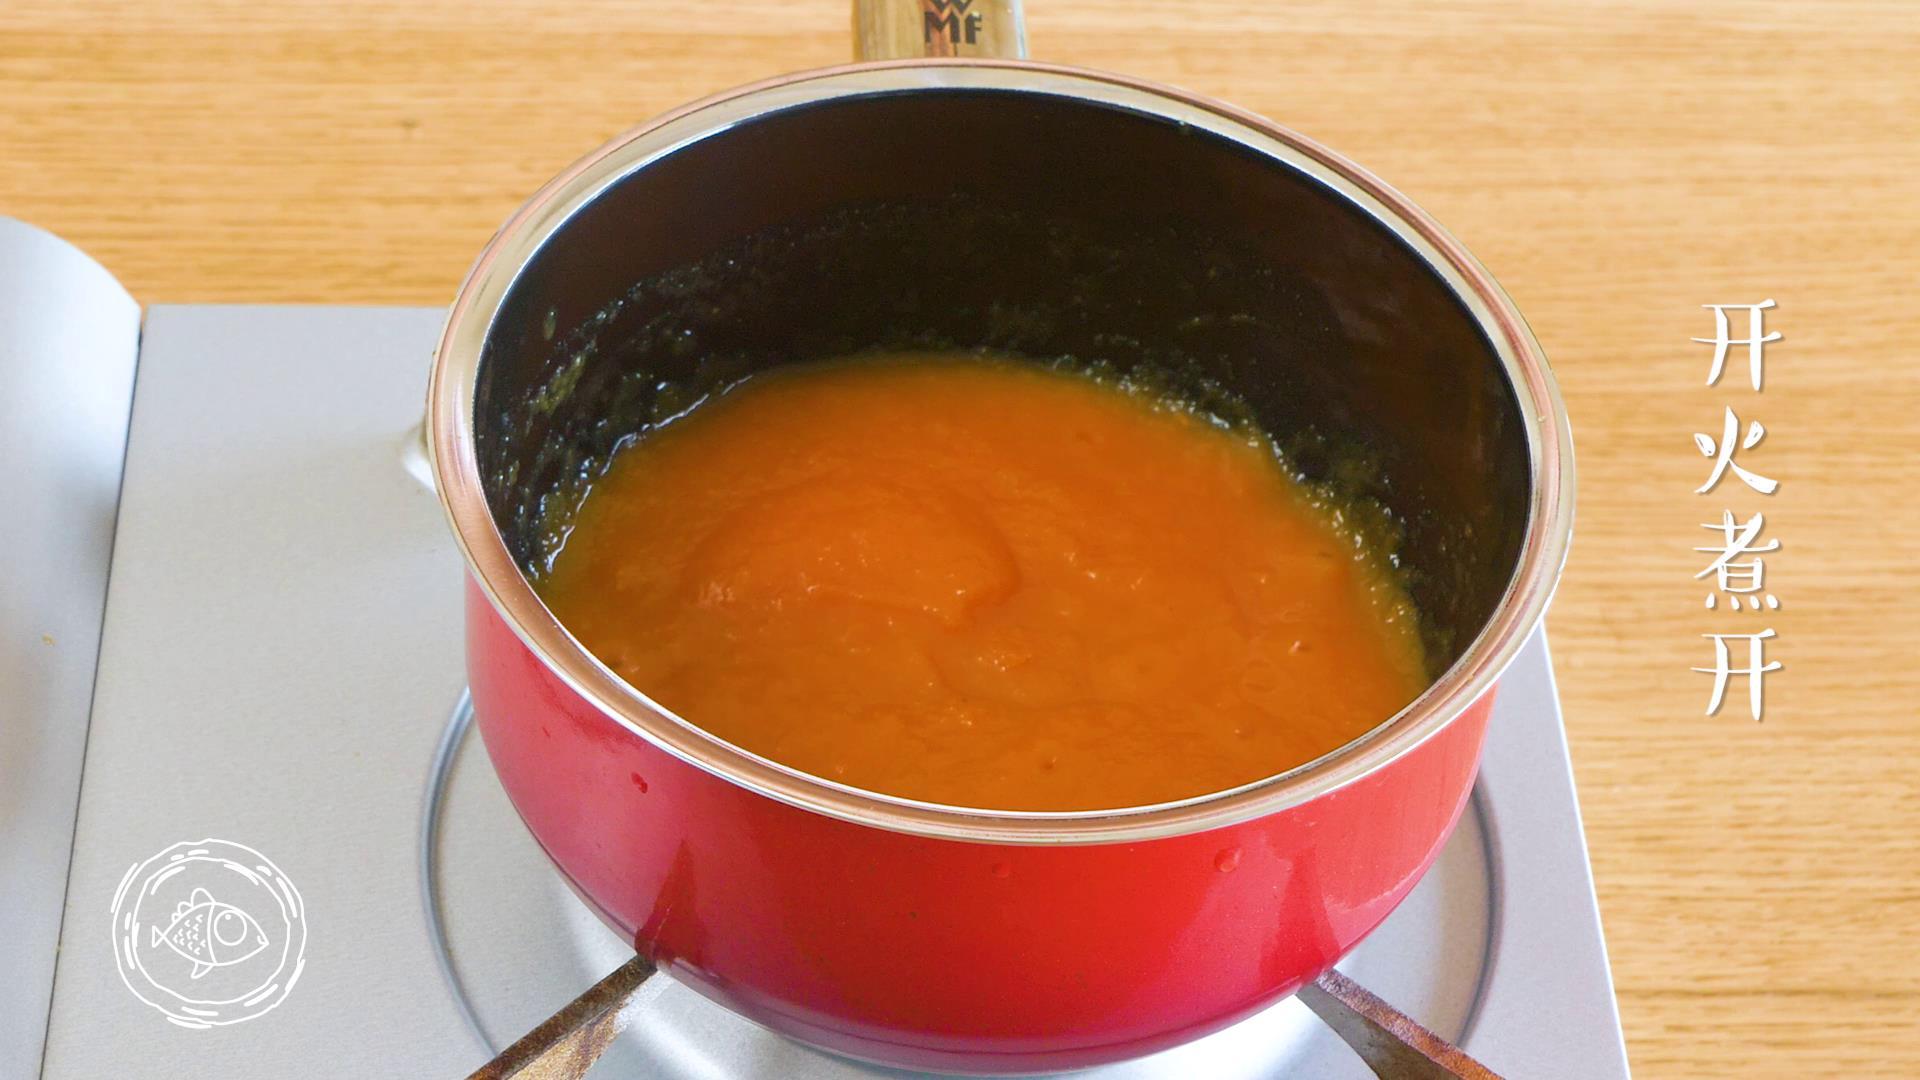 米汤胡萝卜泥6m+宝宝辅食,混合均匀,煮开就可以啦~</p> <p>